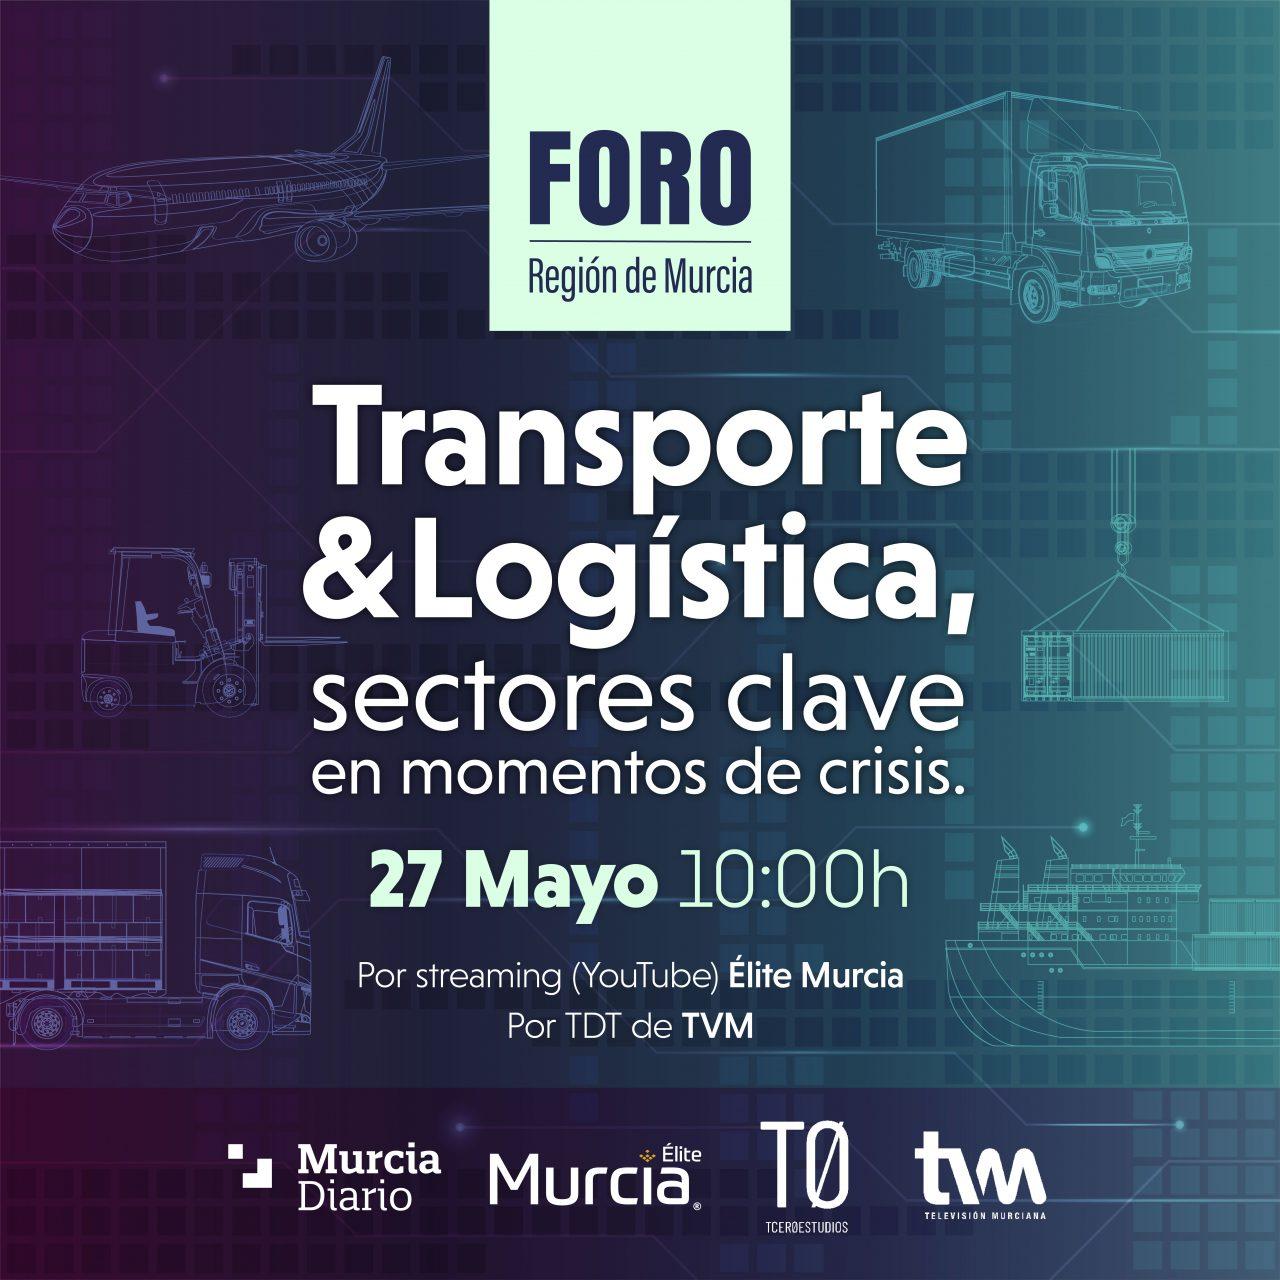 EM2021_ForoTransporte_-1280x1280.jpg